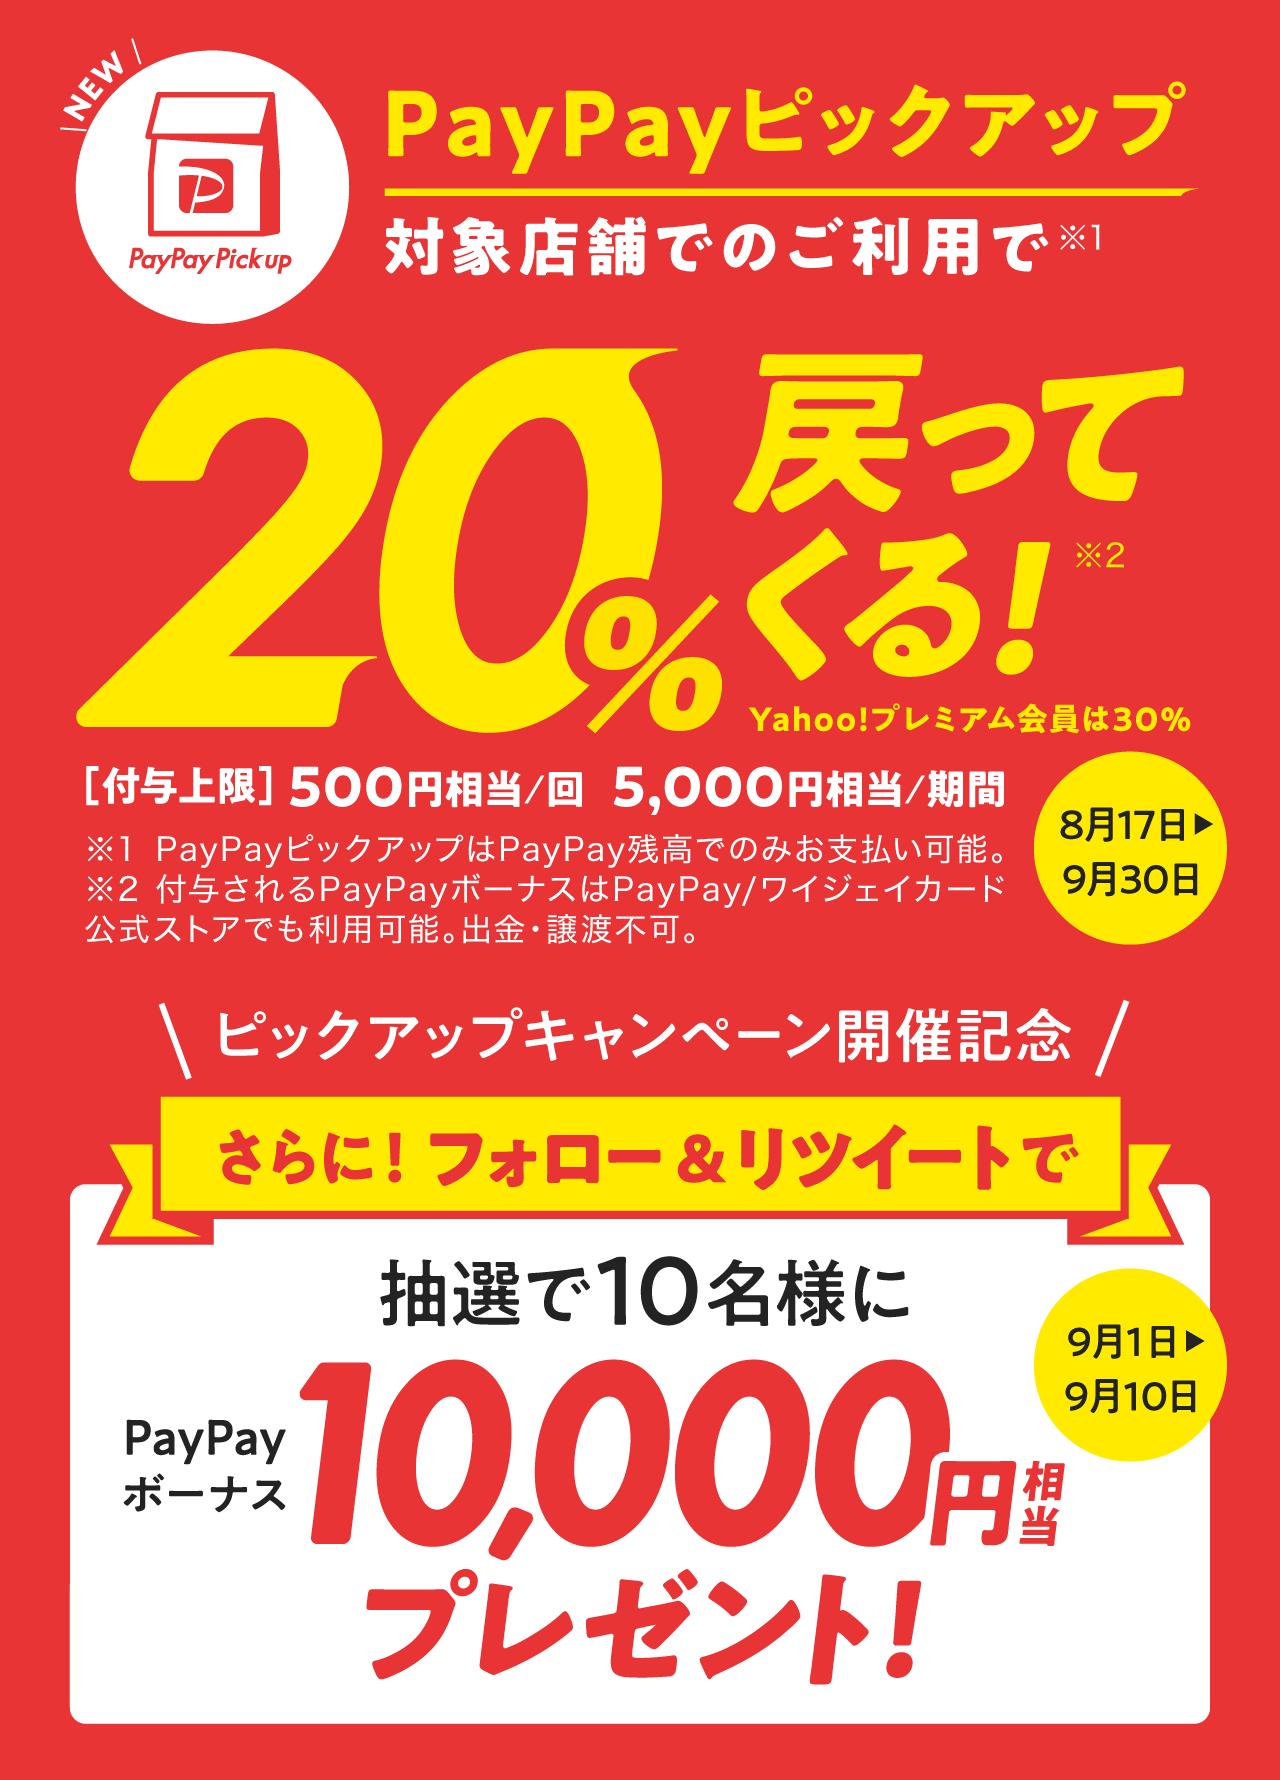 PayPayピックアップ対象店舗でのご利用で20%戻ってくる! さらにフォロー&リツートで抽選で10名様にPayPayボーナス10,000円相当プレゼント!